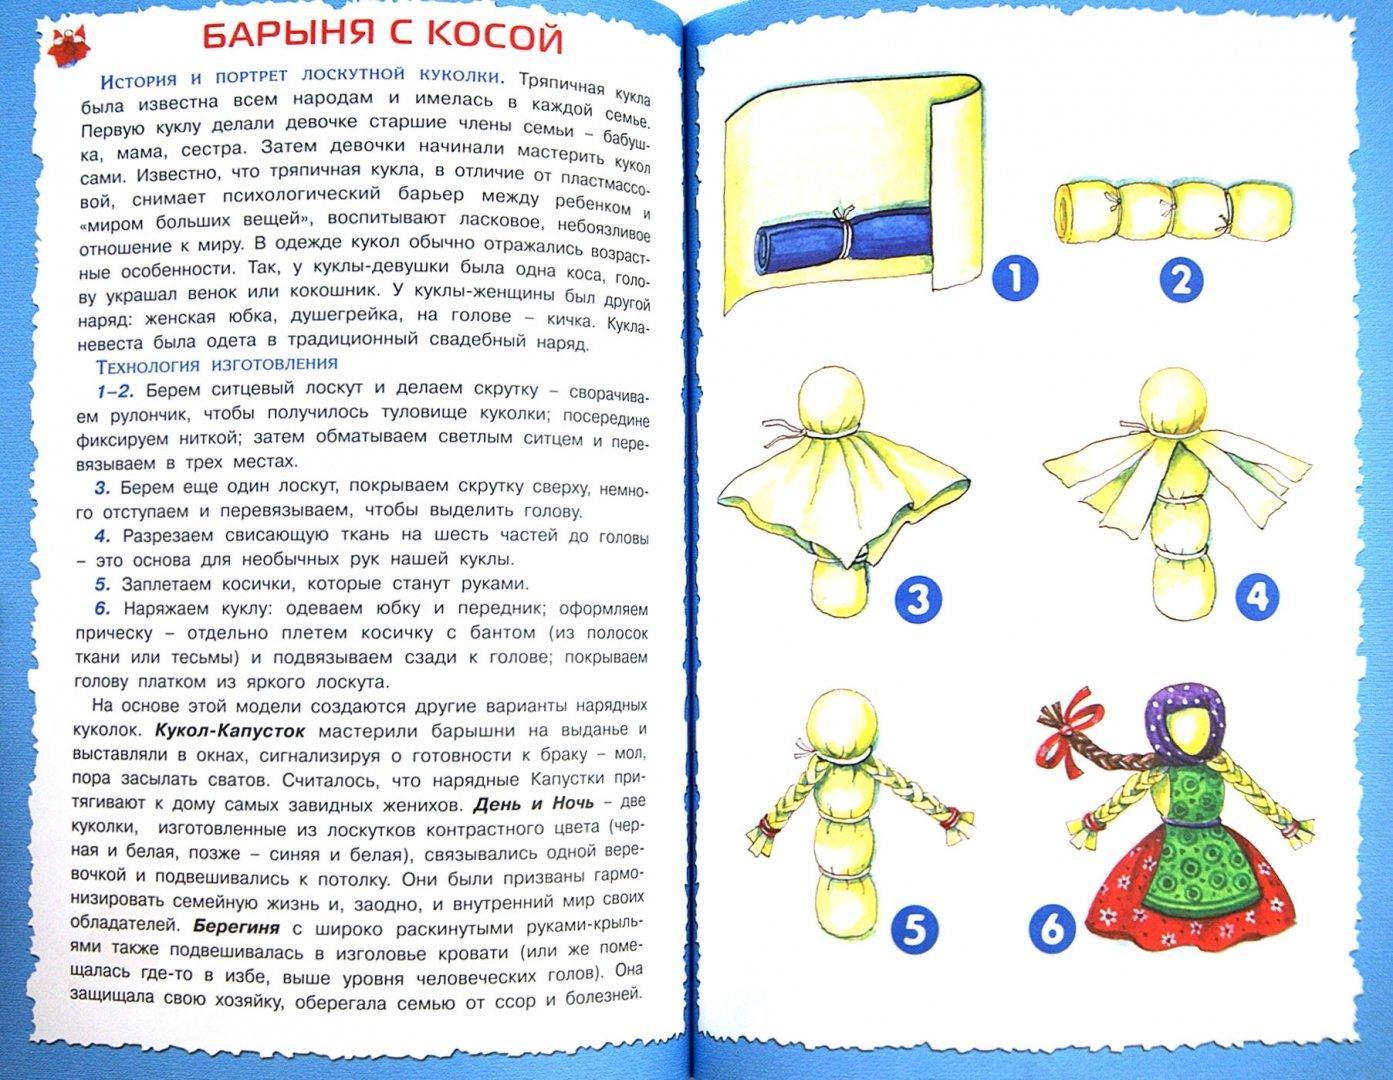 Иллюстрация 1 из 11 для Идет бычок, качается. Детское художественное творчество - Ирина Лыкова | Лабиринт - книги. Источник: Лабиринт